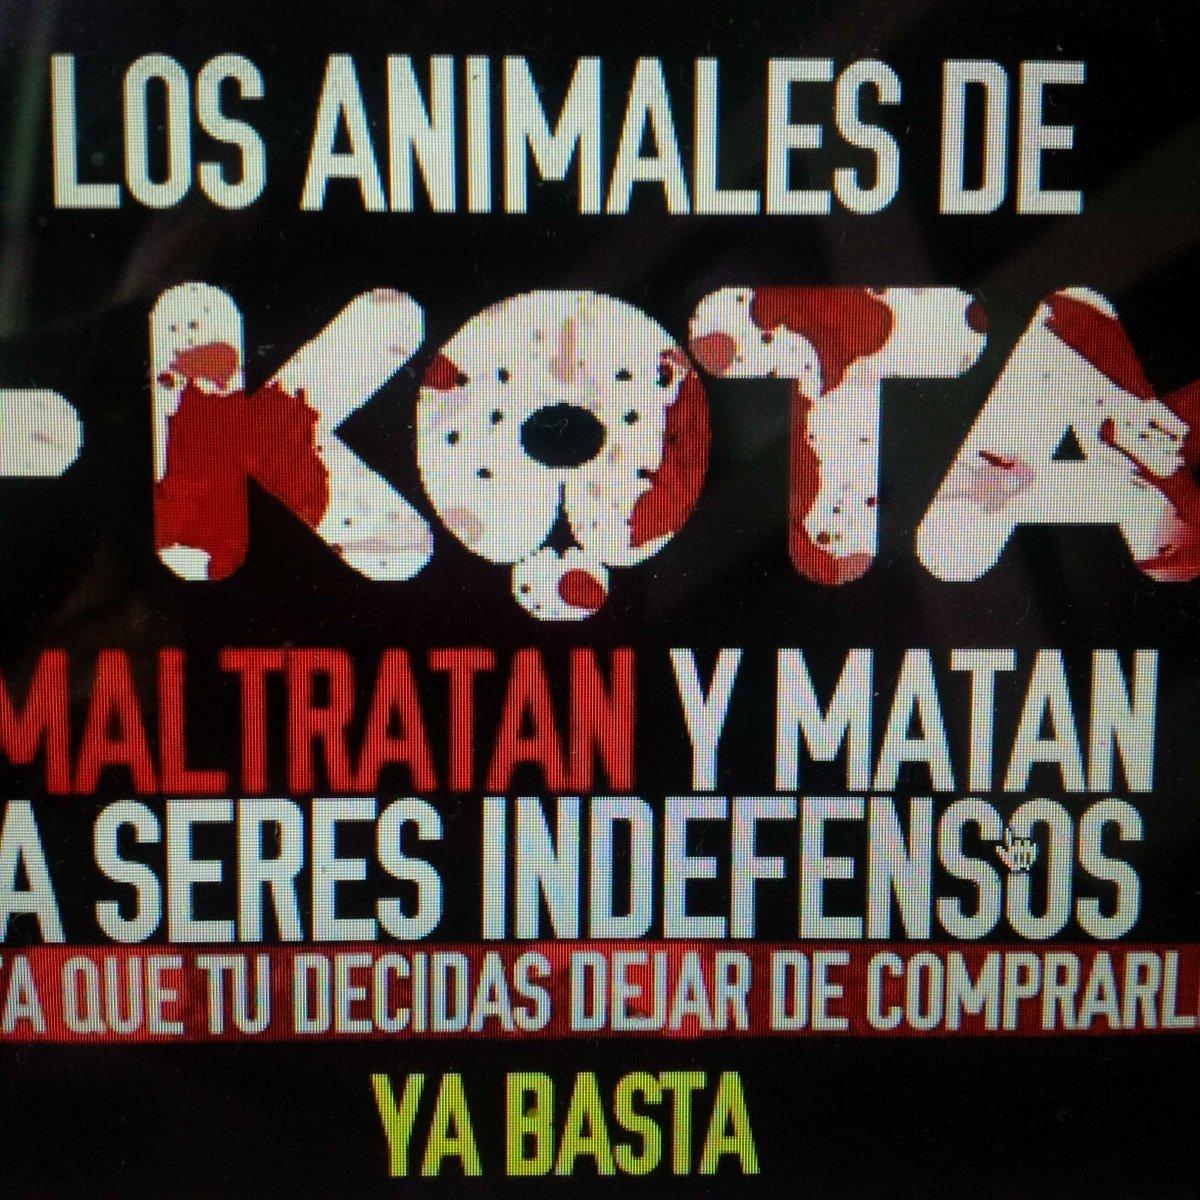 Por favor RT! Se los digo con toda honestidad. Esa cadena de tiendas tiene que dejar de vender animales. Es infame! http://t.co/FB81FPNX2F